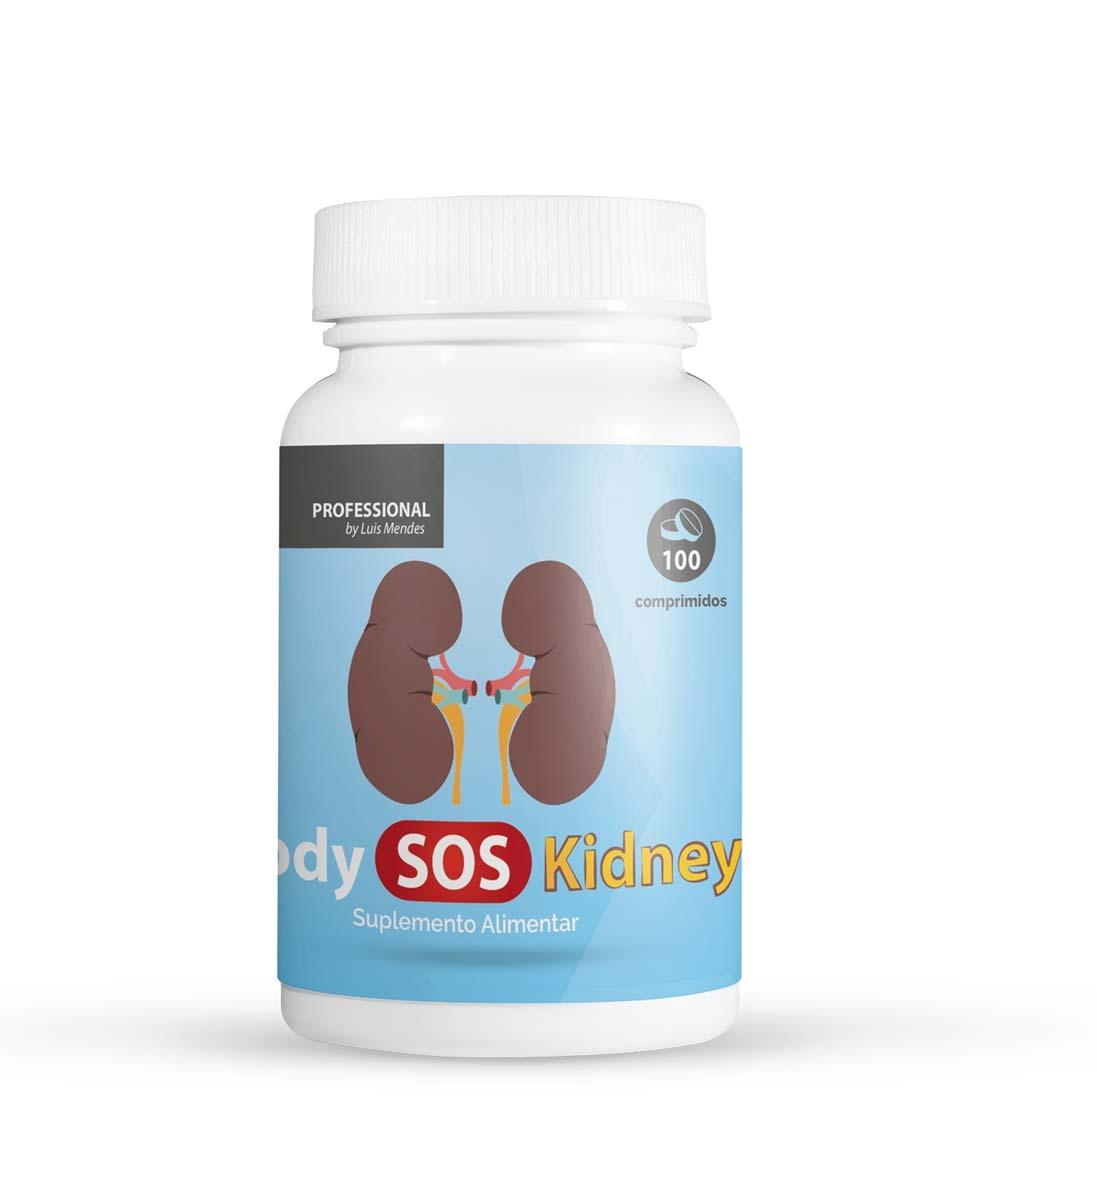 Body Sos Kidney